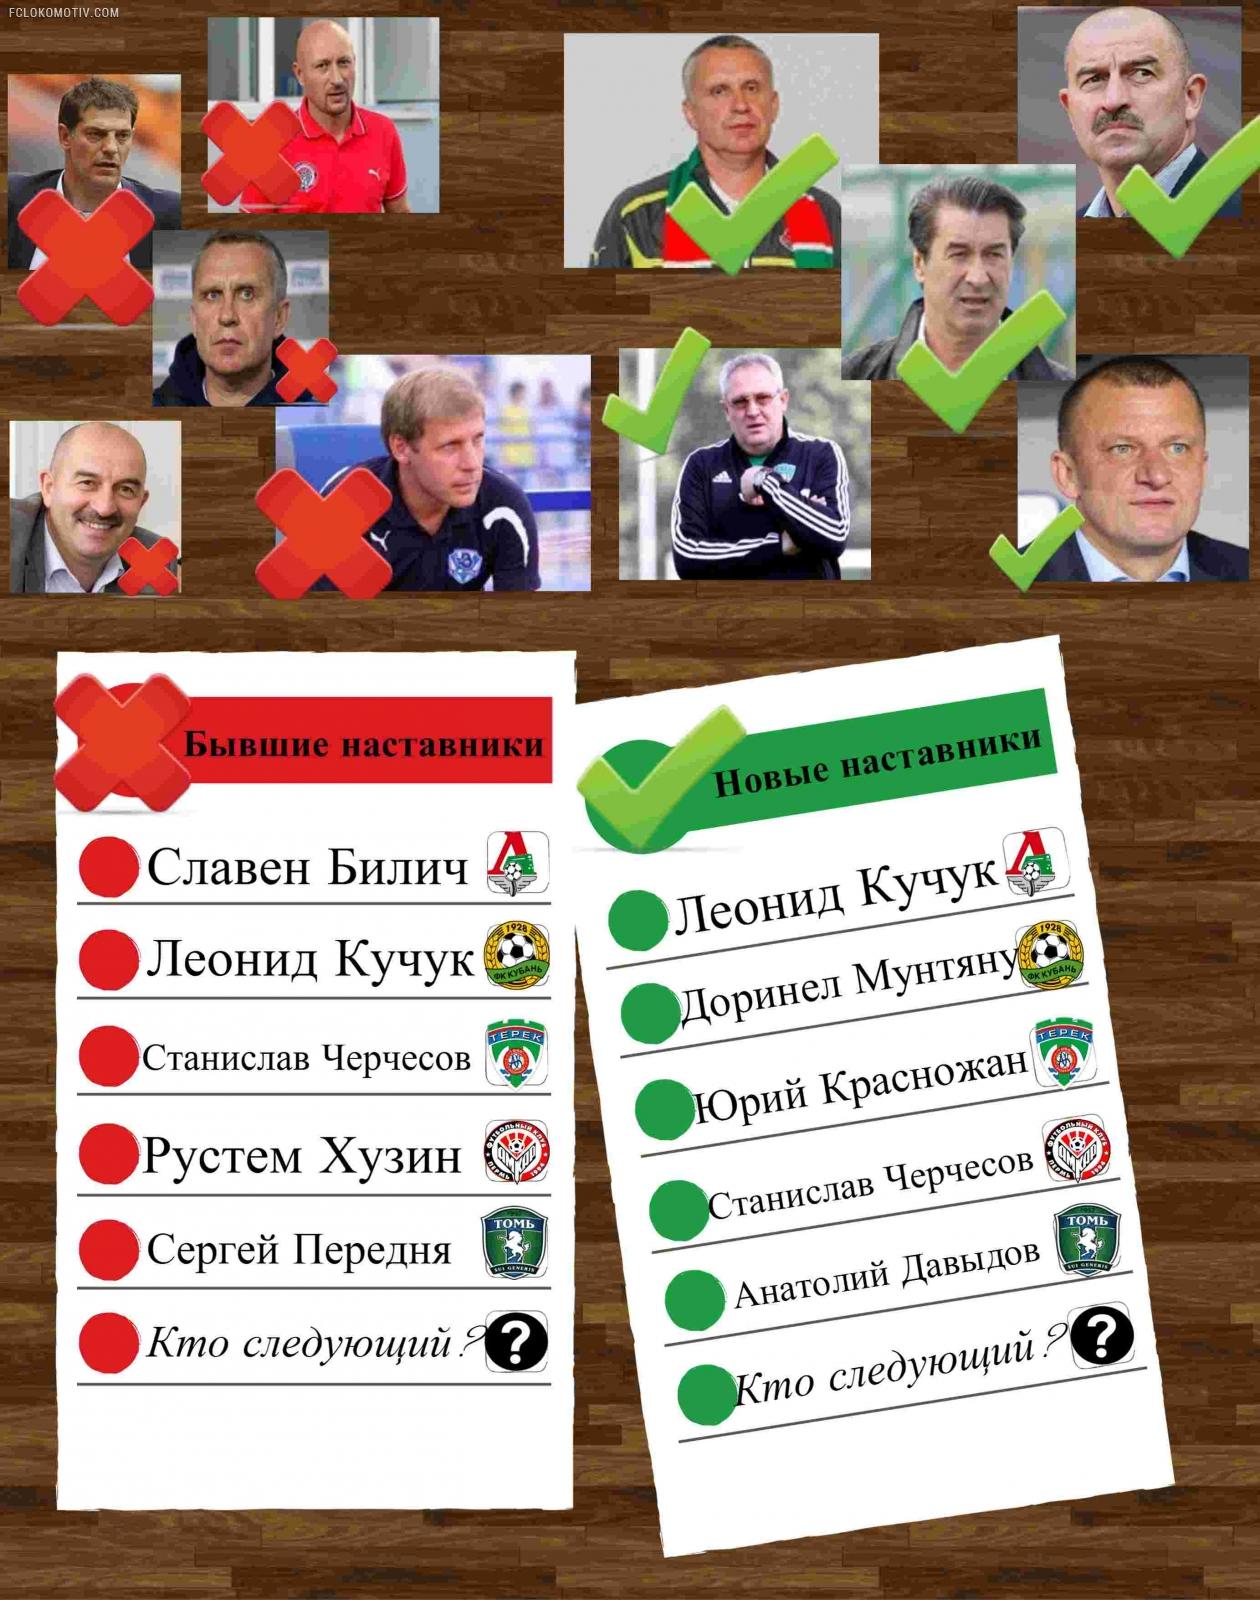 Тренерская чехарда в России:    скандалы, интриги, расследования